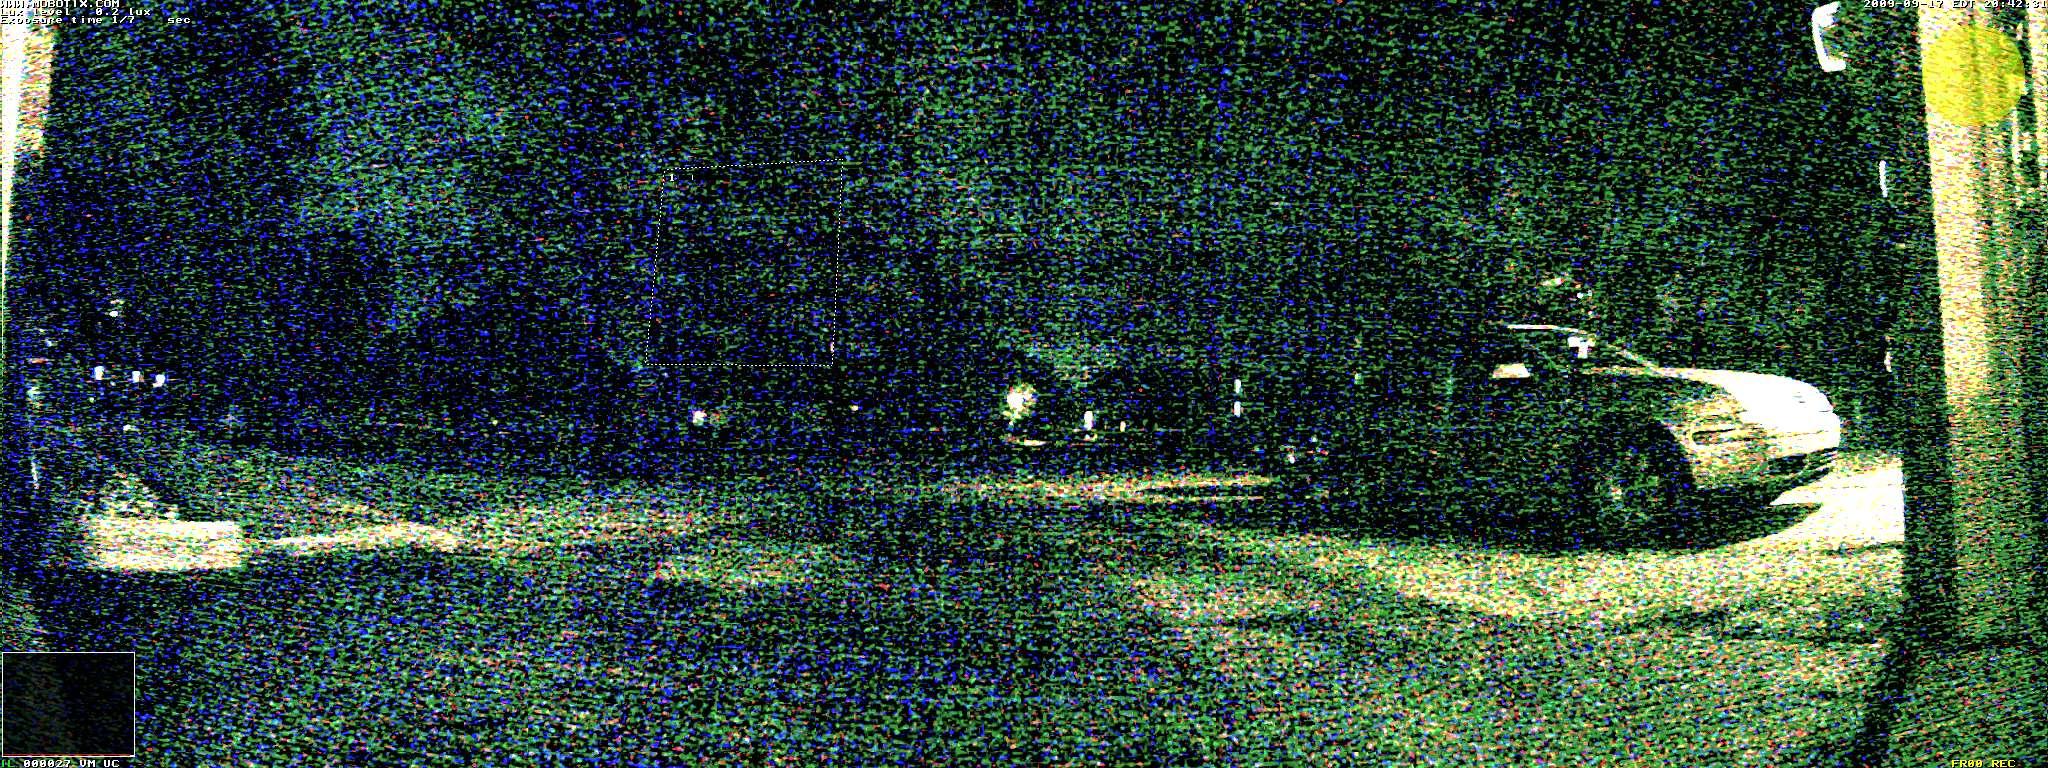 107803_5.jpg